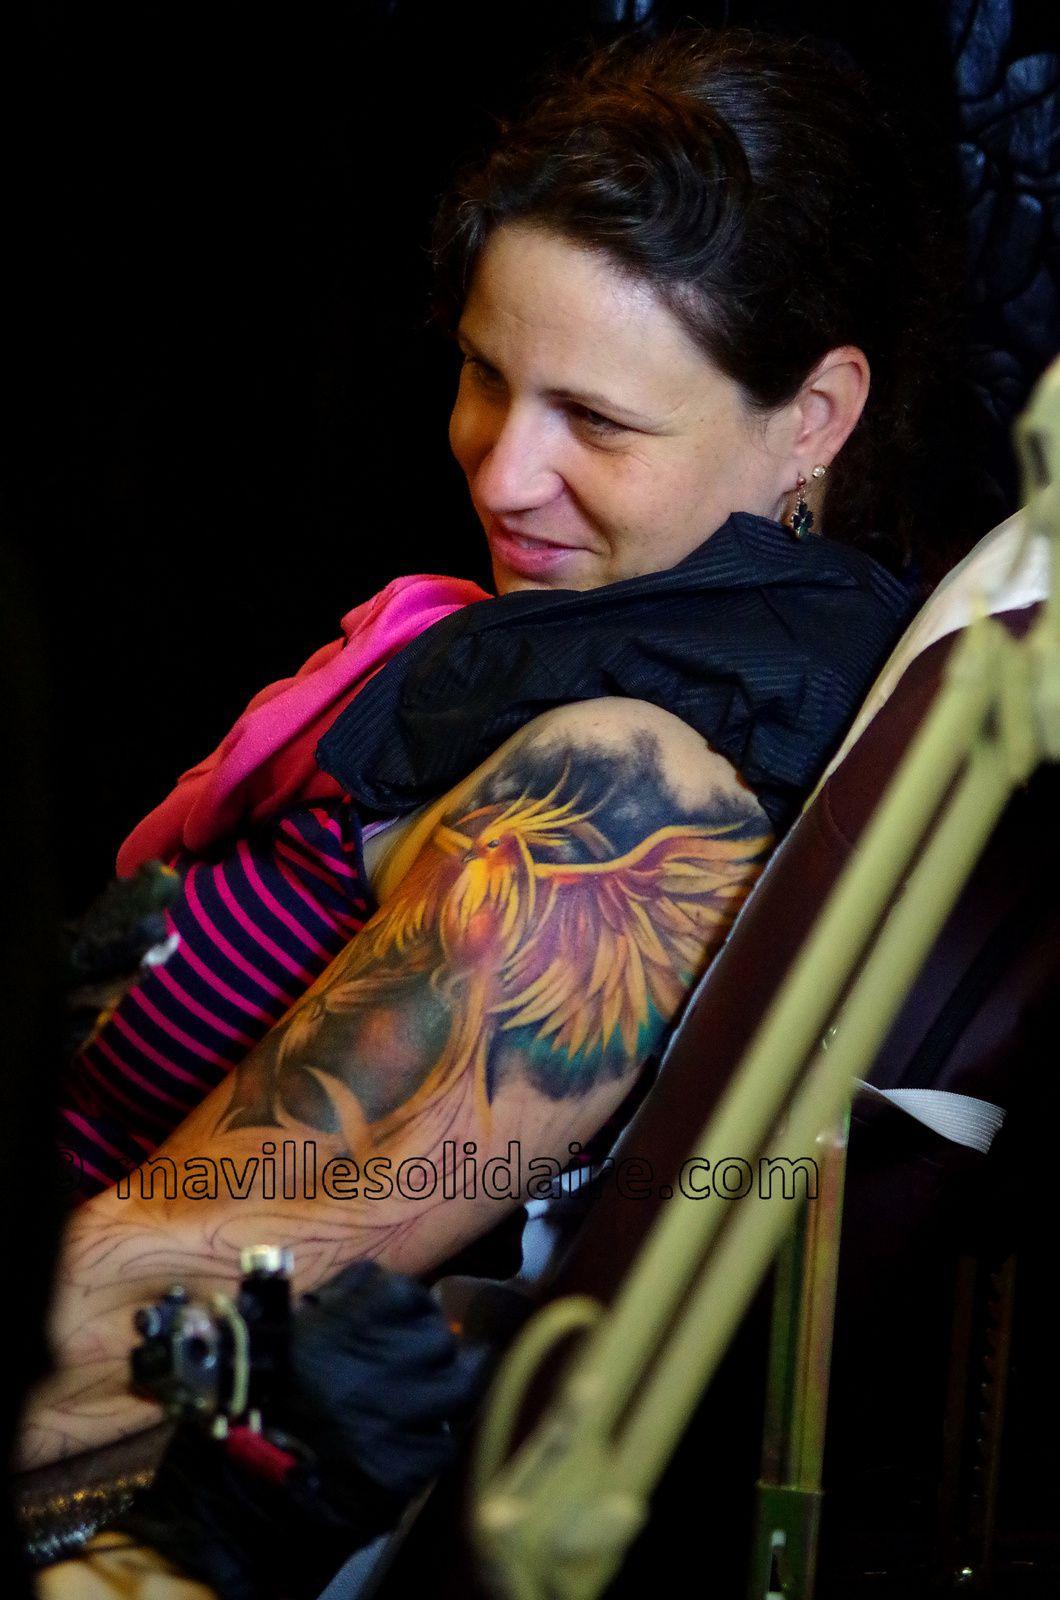 1ères images de la convention tatouage de la Roche-sur-Yon.